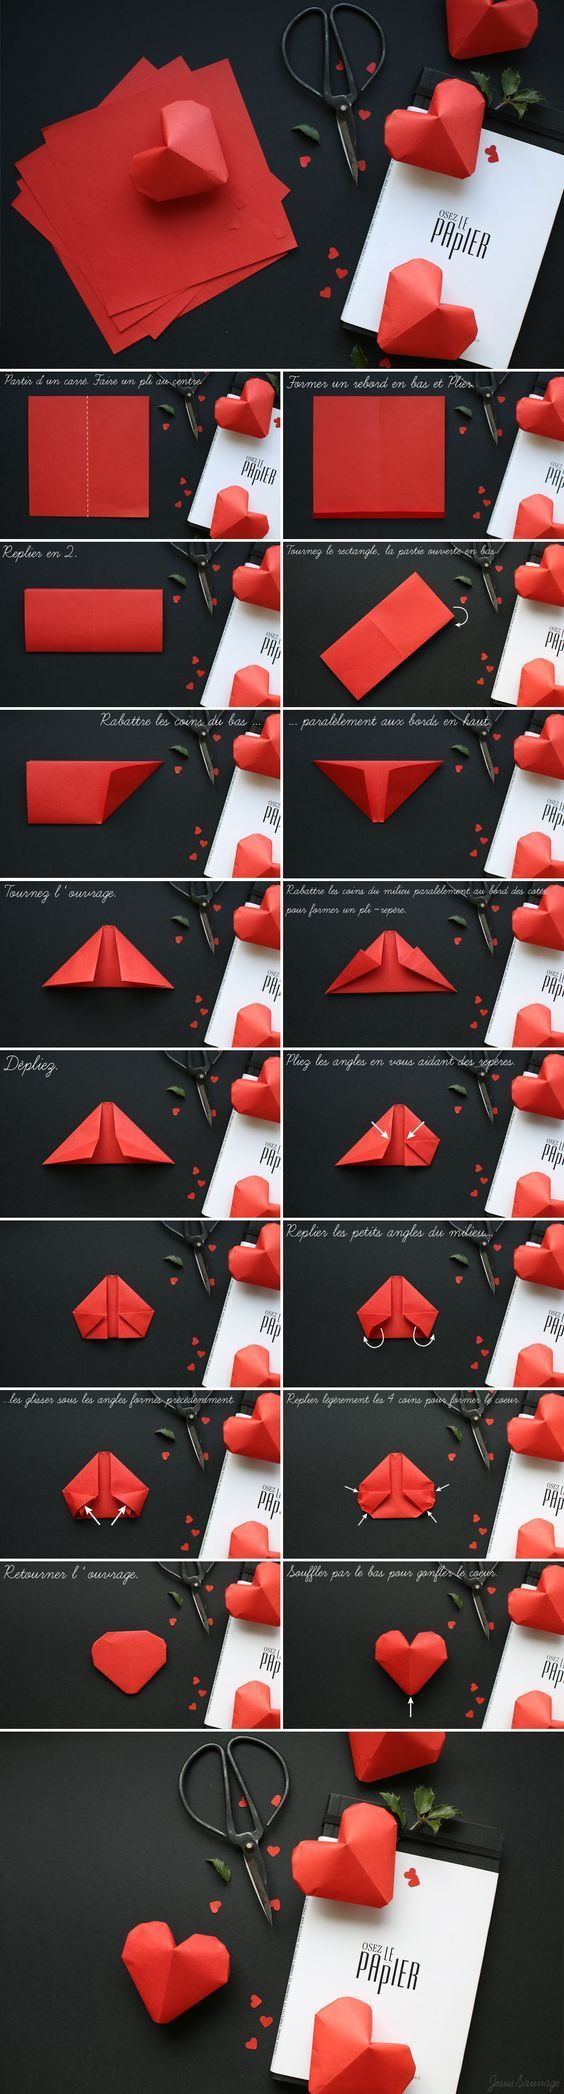 DIY et Concours pour la Saint Valentin: 1 plaid Hinterveld à gagner et des coeurs en Origami à confectionner...